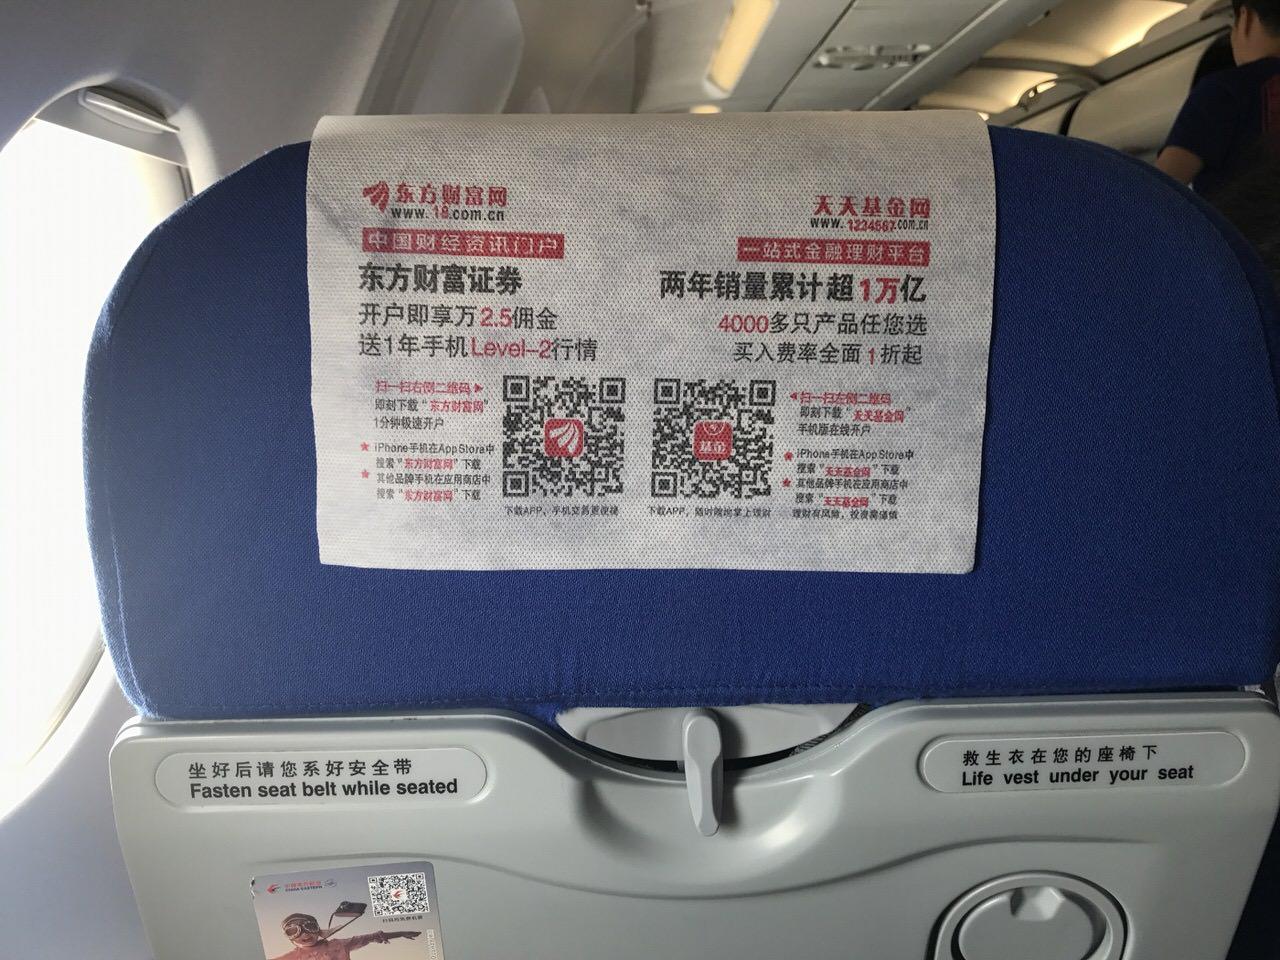 China eastern 4131